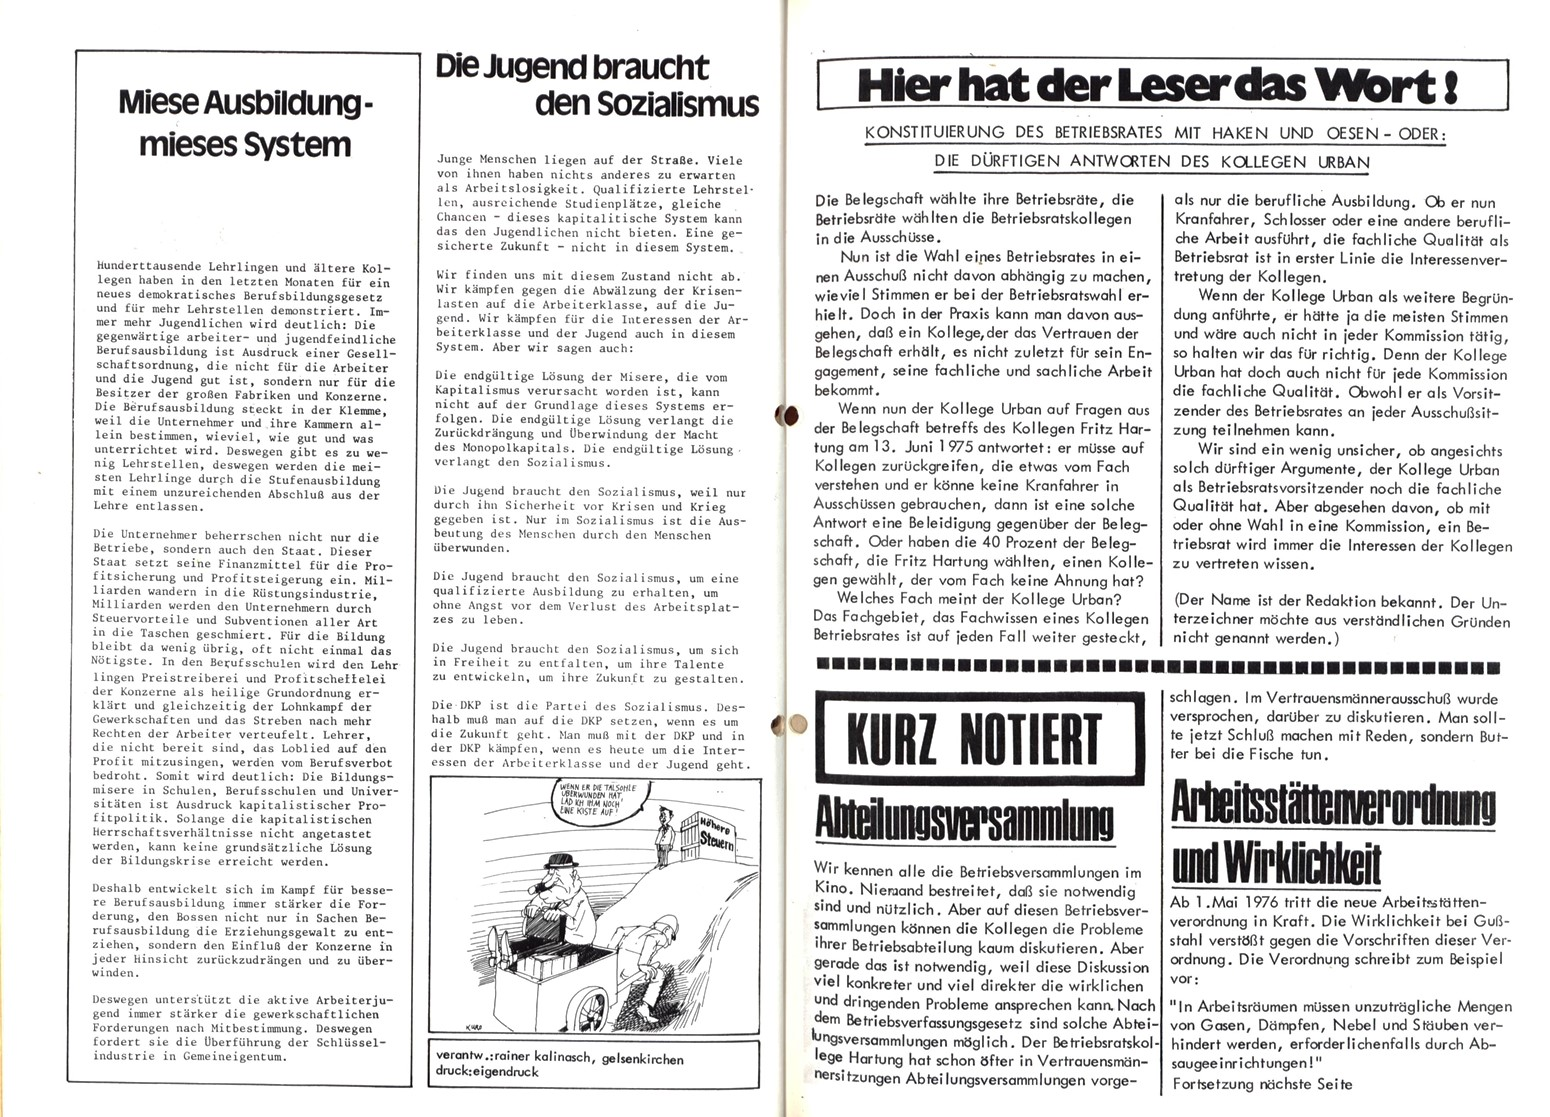 Gelsenkirchen_Gussstahlstimme_19750700_02